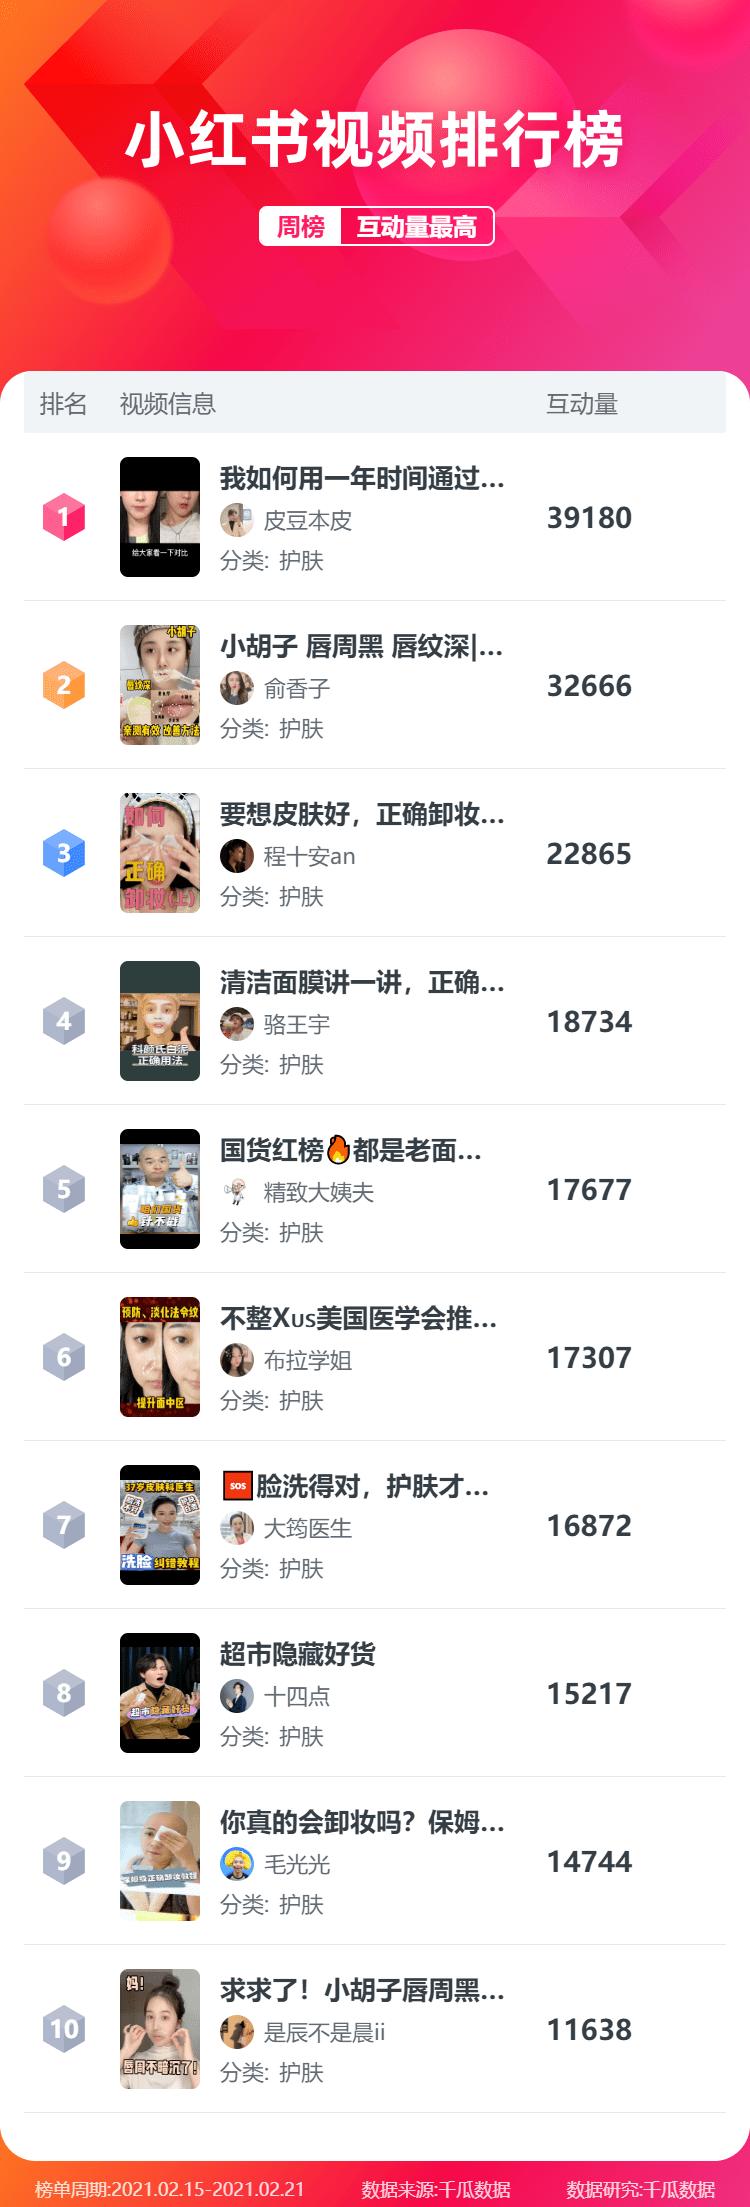 """月第3周小红书视频、图文、直播排行榜"""""""